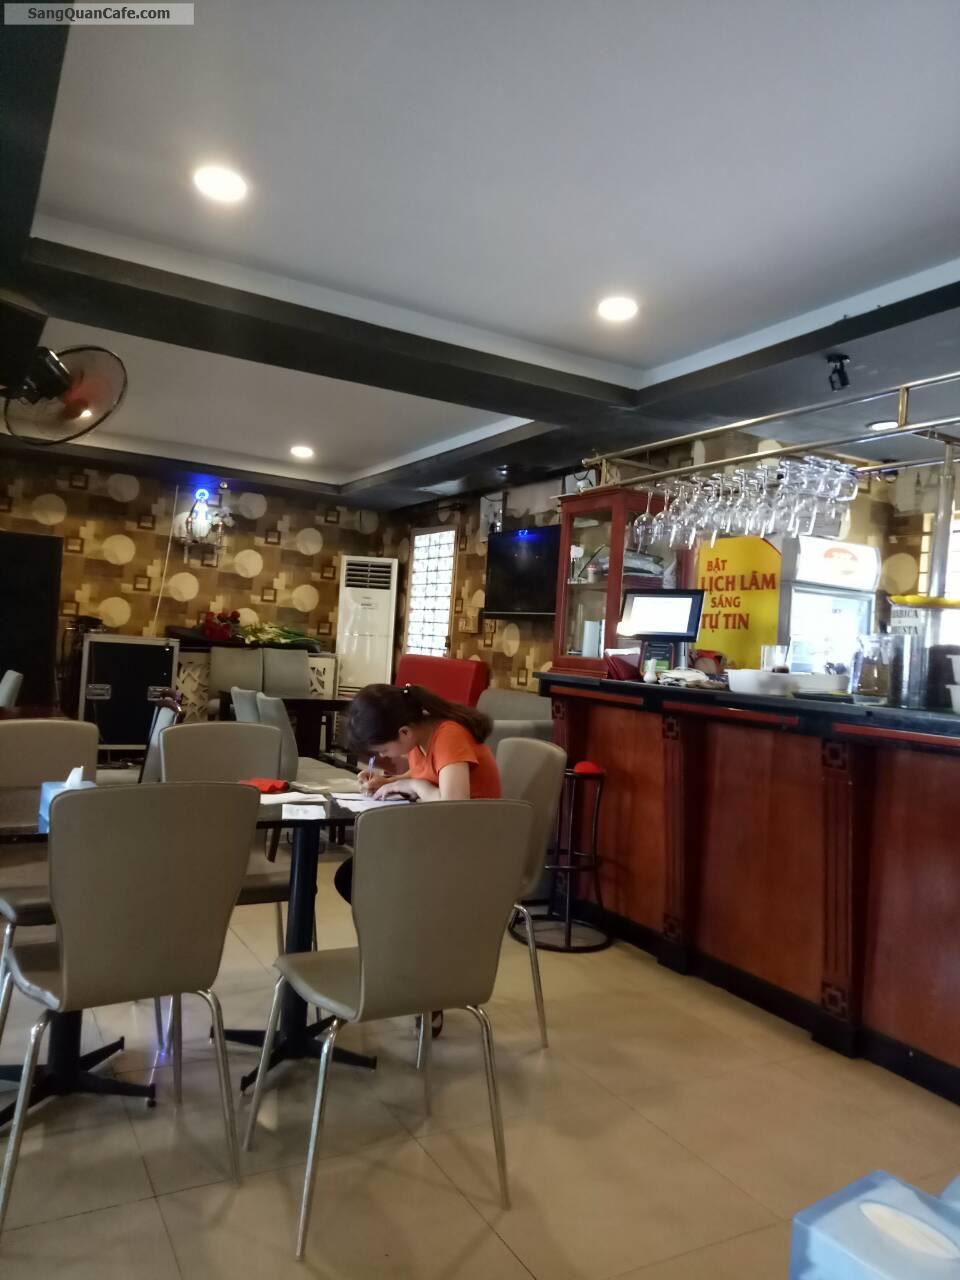 Sang quán cafe Mặt Tiền Mạc Đỉnh Chi, quận 1